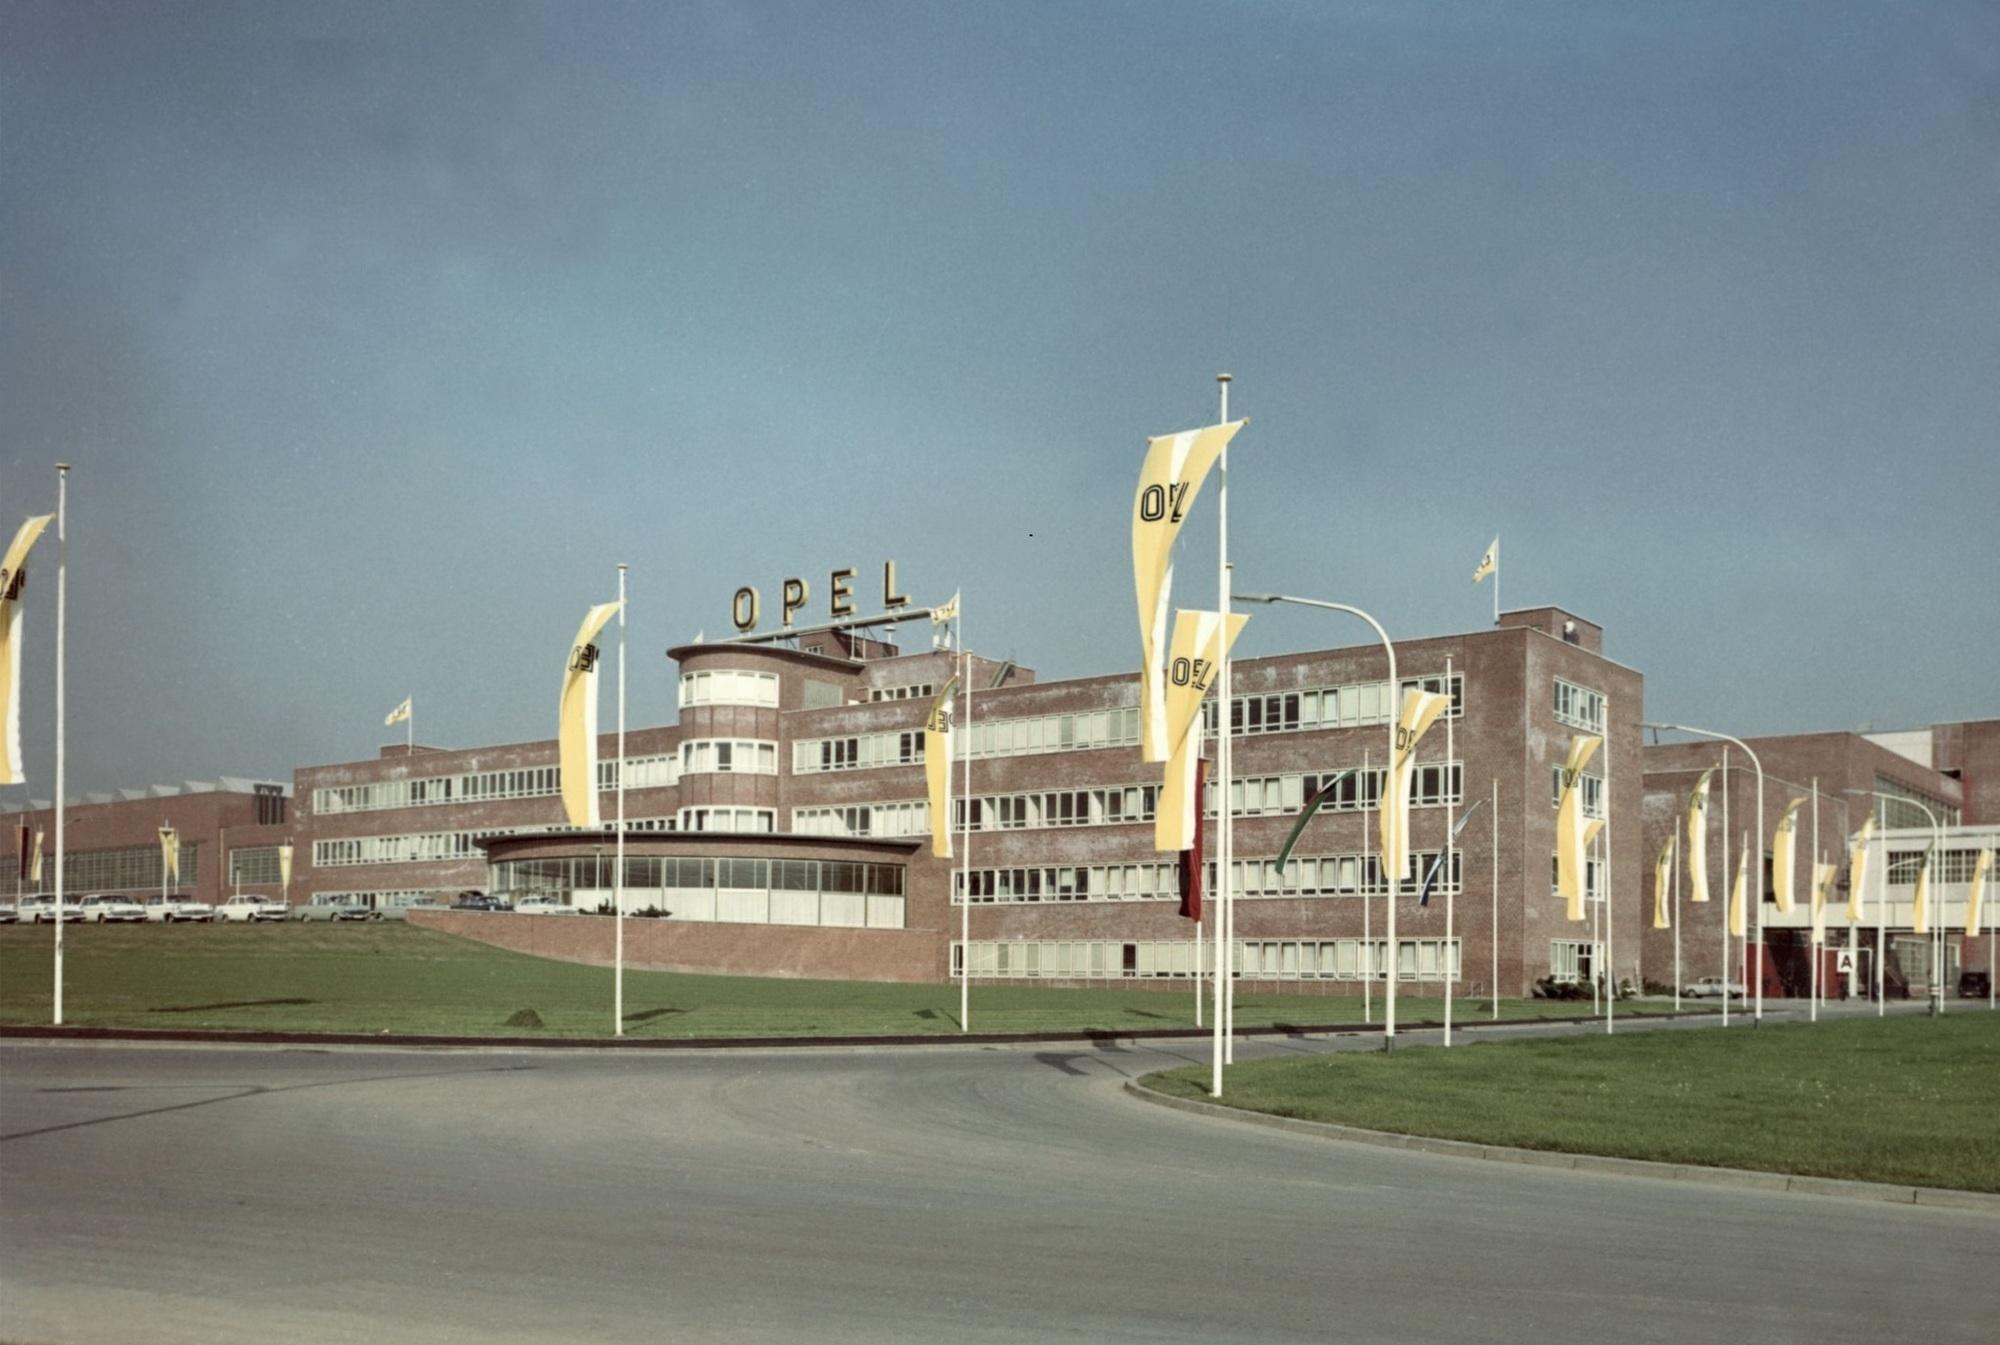 Bochumer Opel-Werk schließt - Der Pott orientiert sich neu